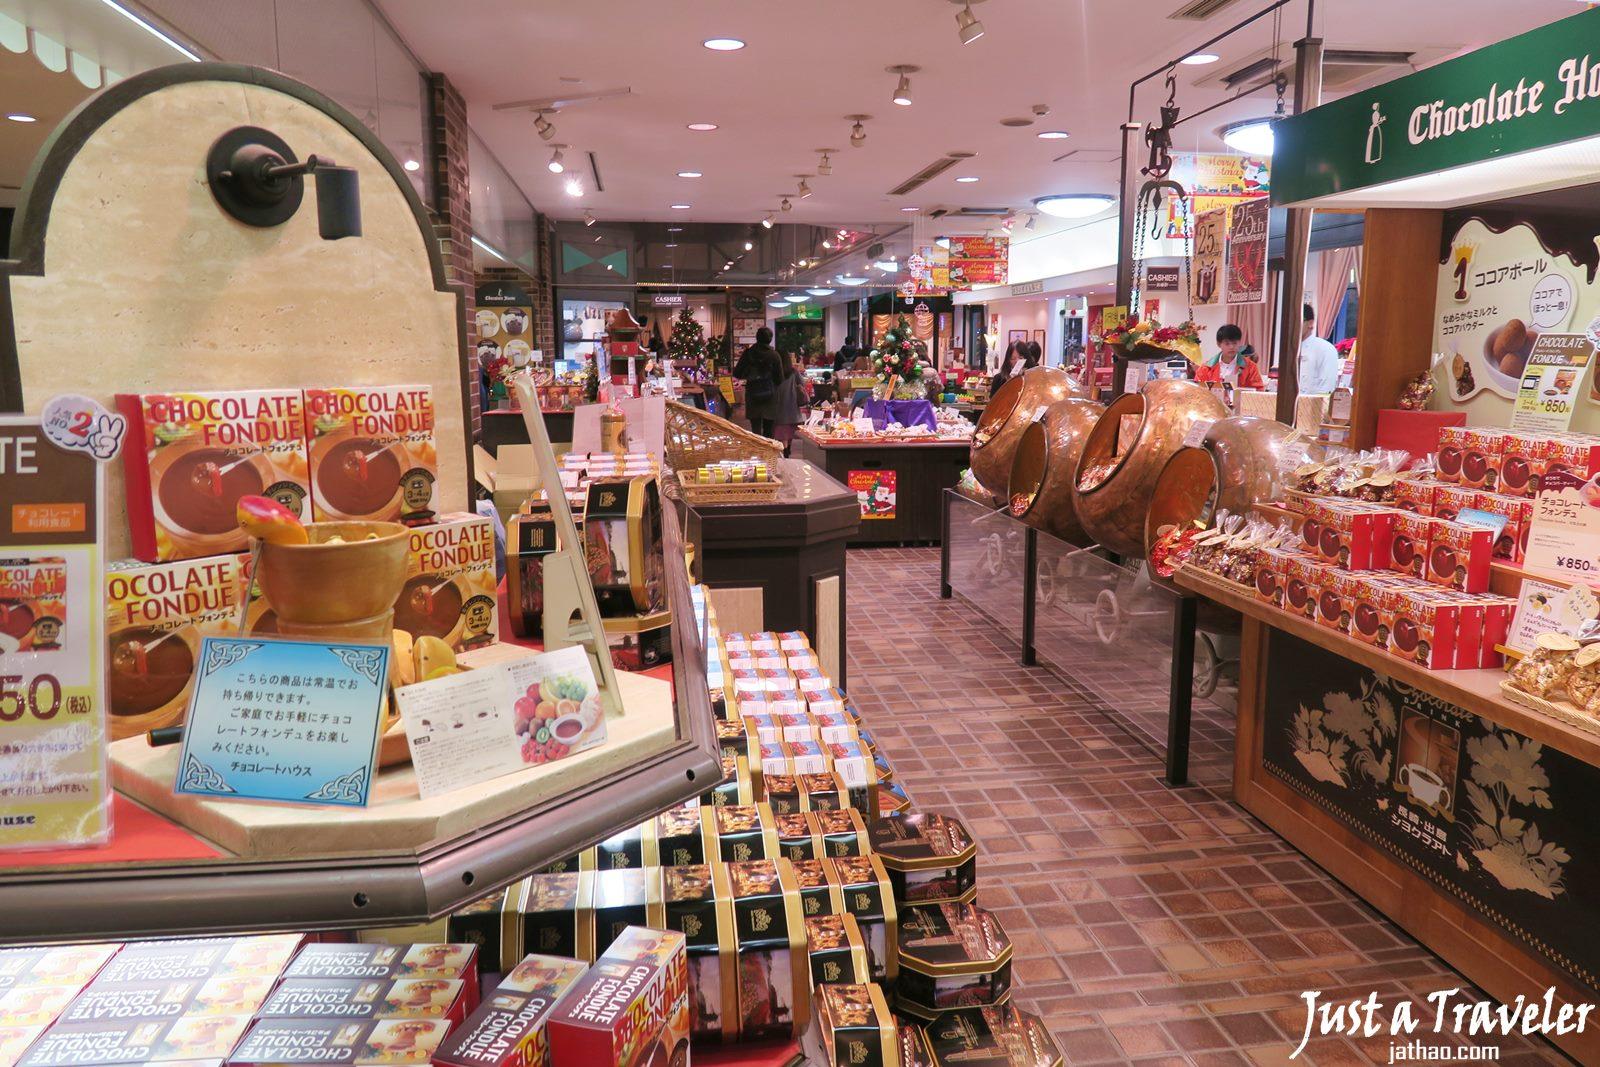 九州-長崎-景點-推薦-豪斯登堡-購物-逛街-伴手禮-行程-旅遊-自由行-Kyushu-Huis Ten Bosch-Travel-Japan